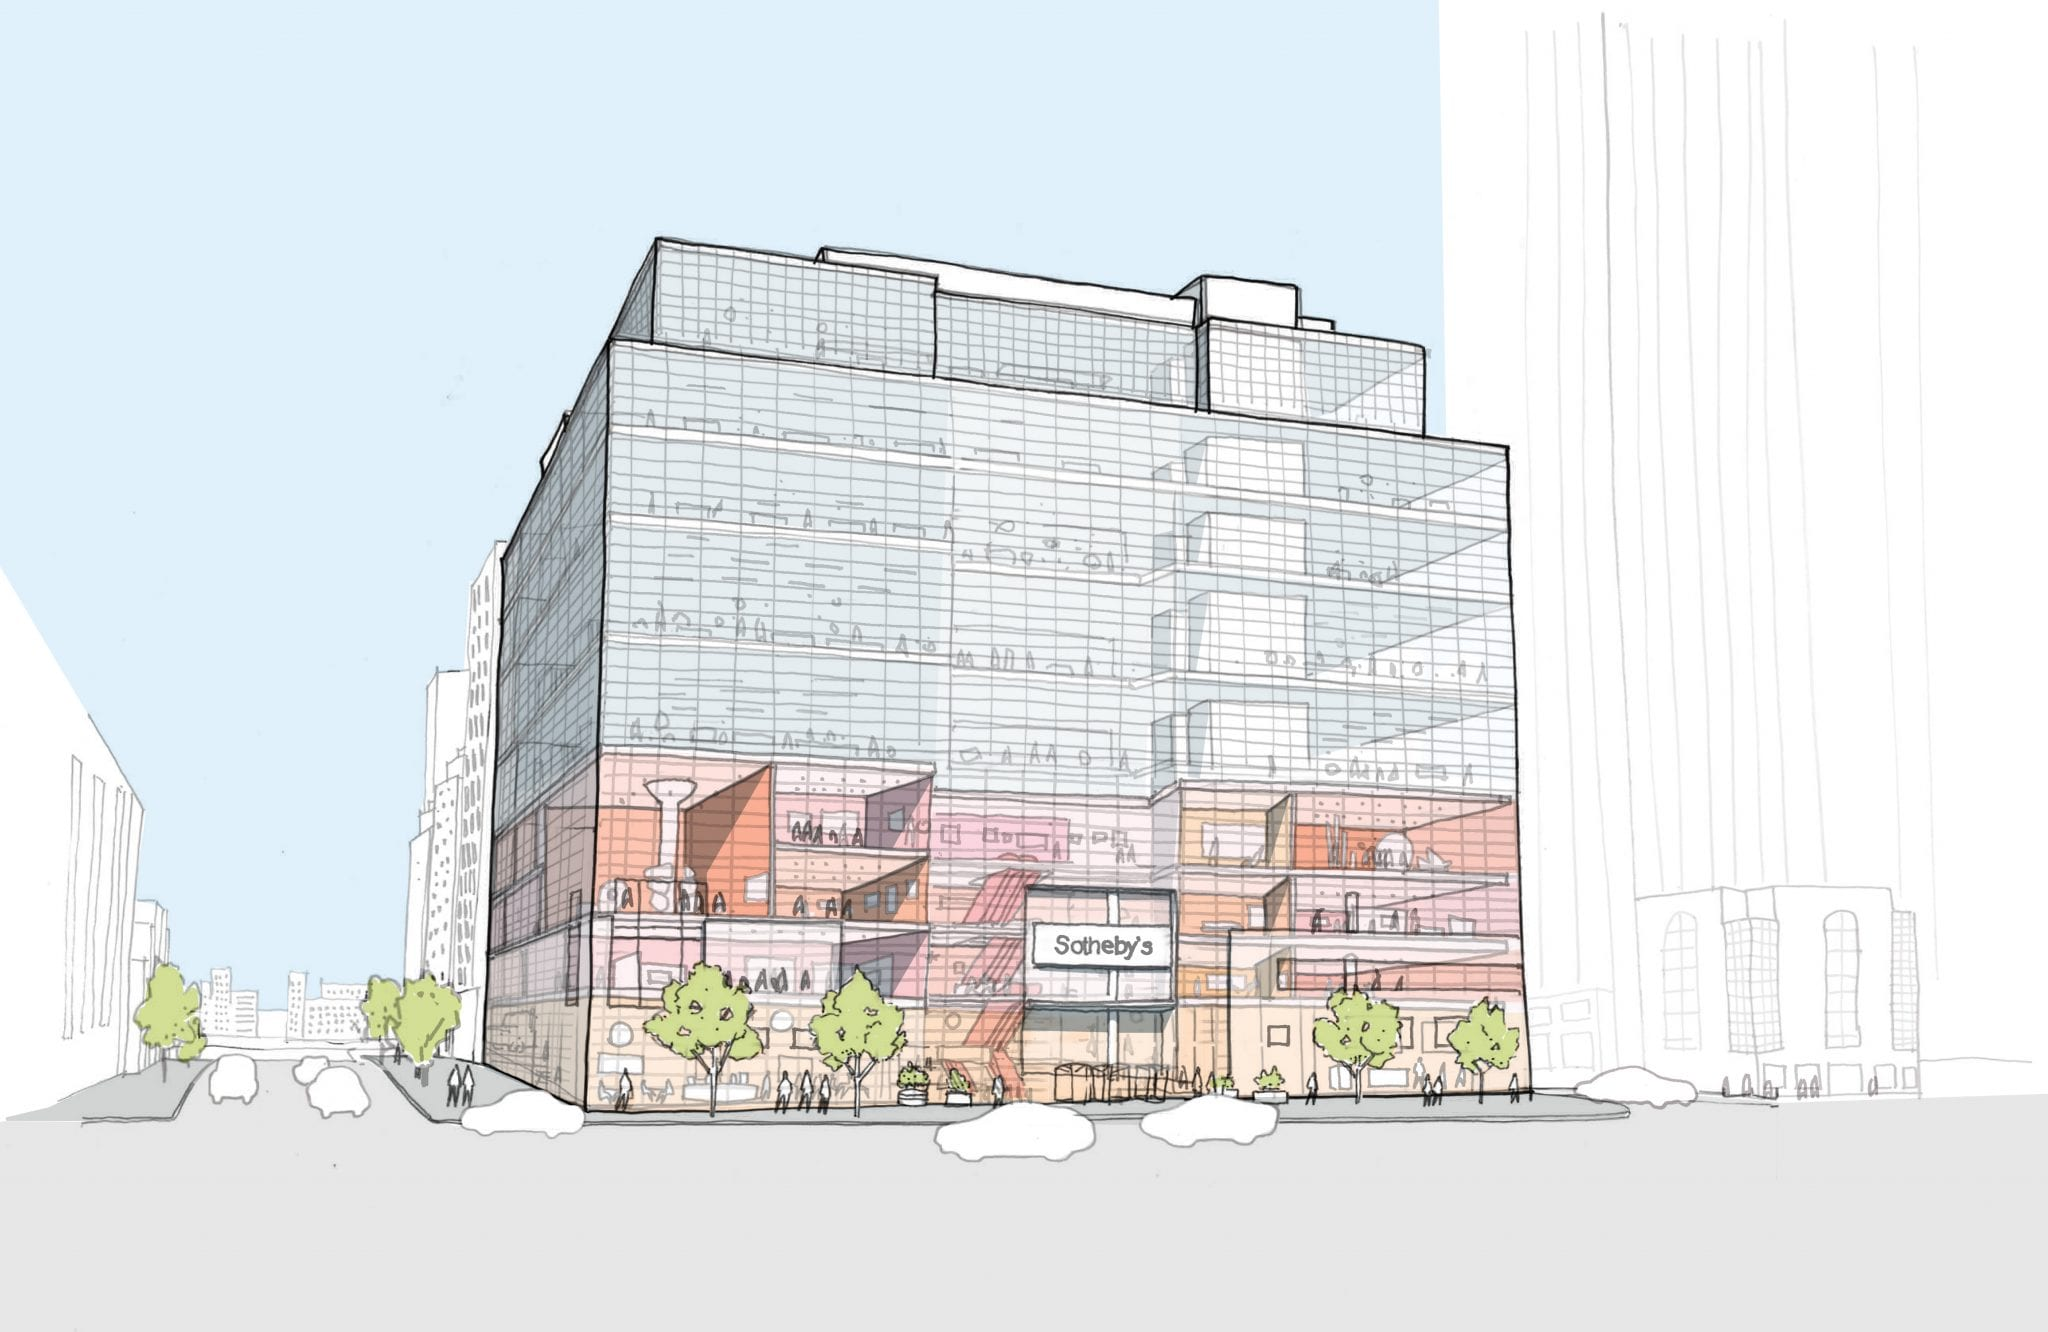 Sotheby's NYC si rinnova. Ecco le novità della nuova sede inYork Avenue